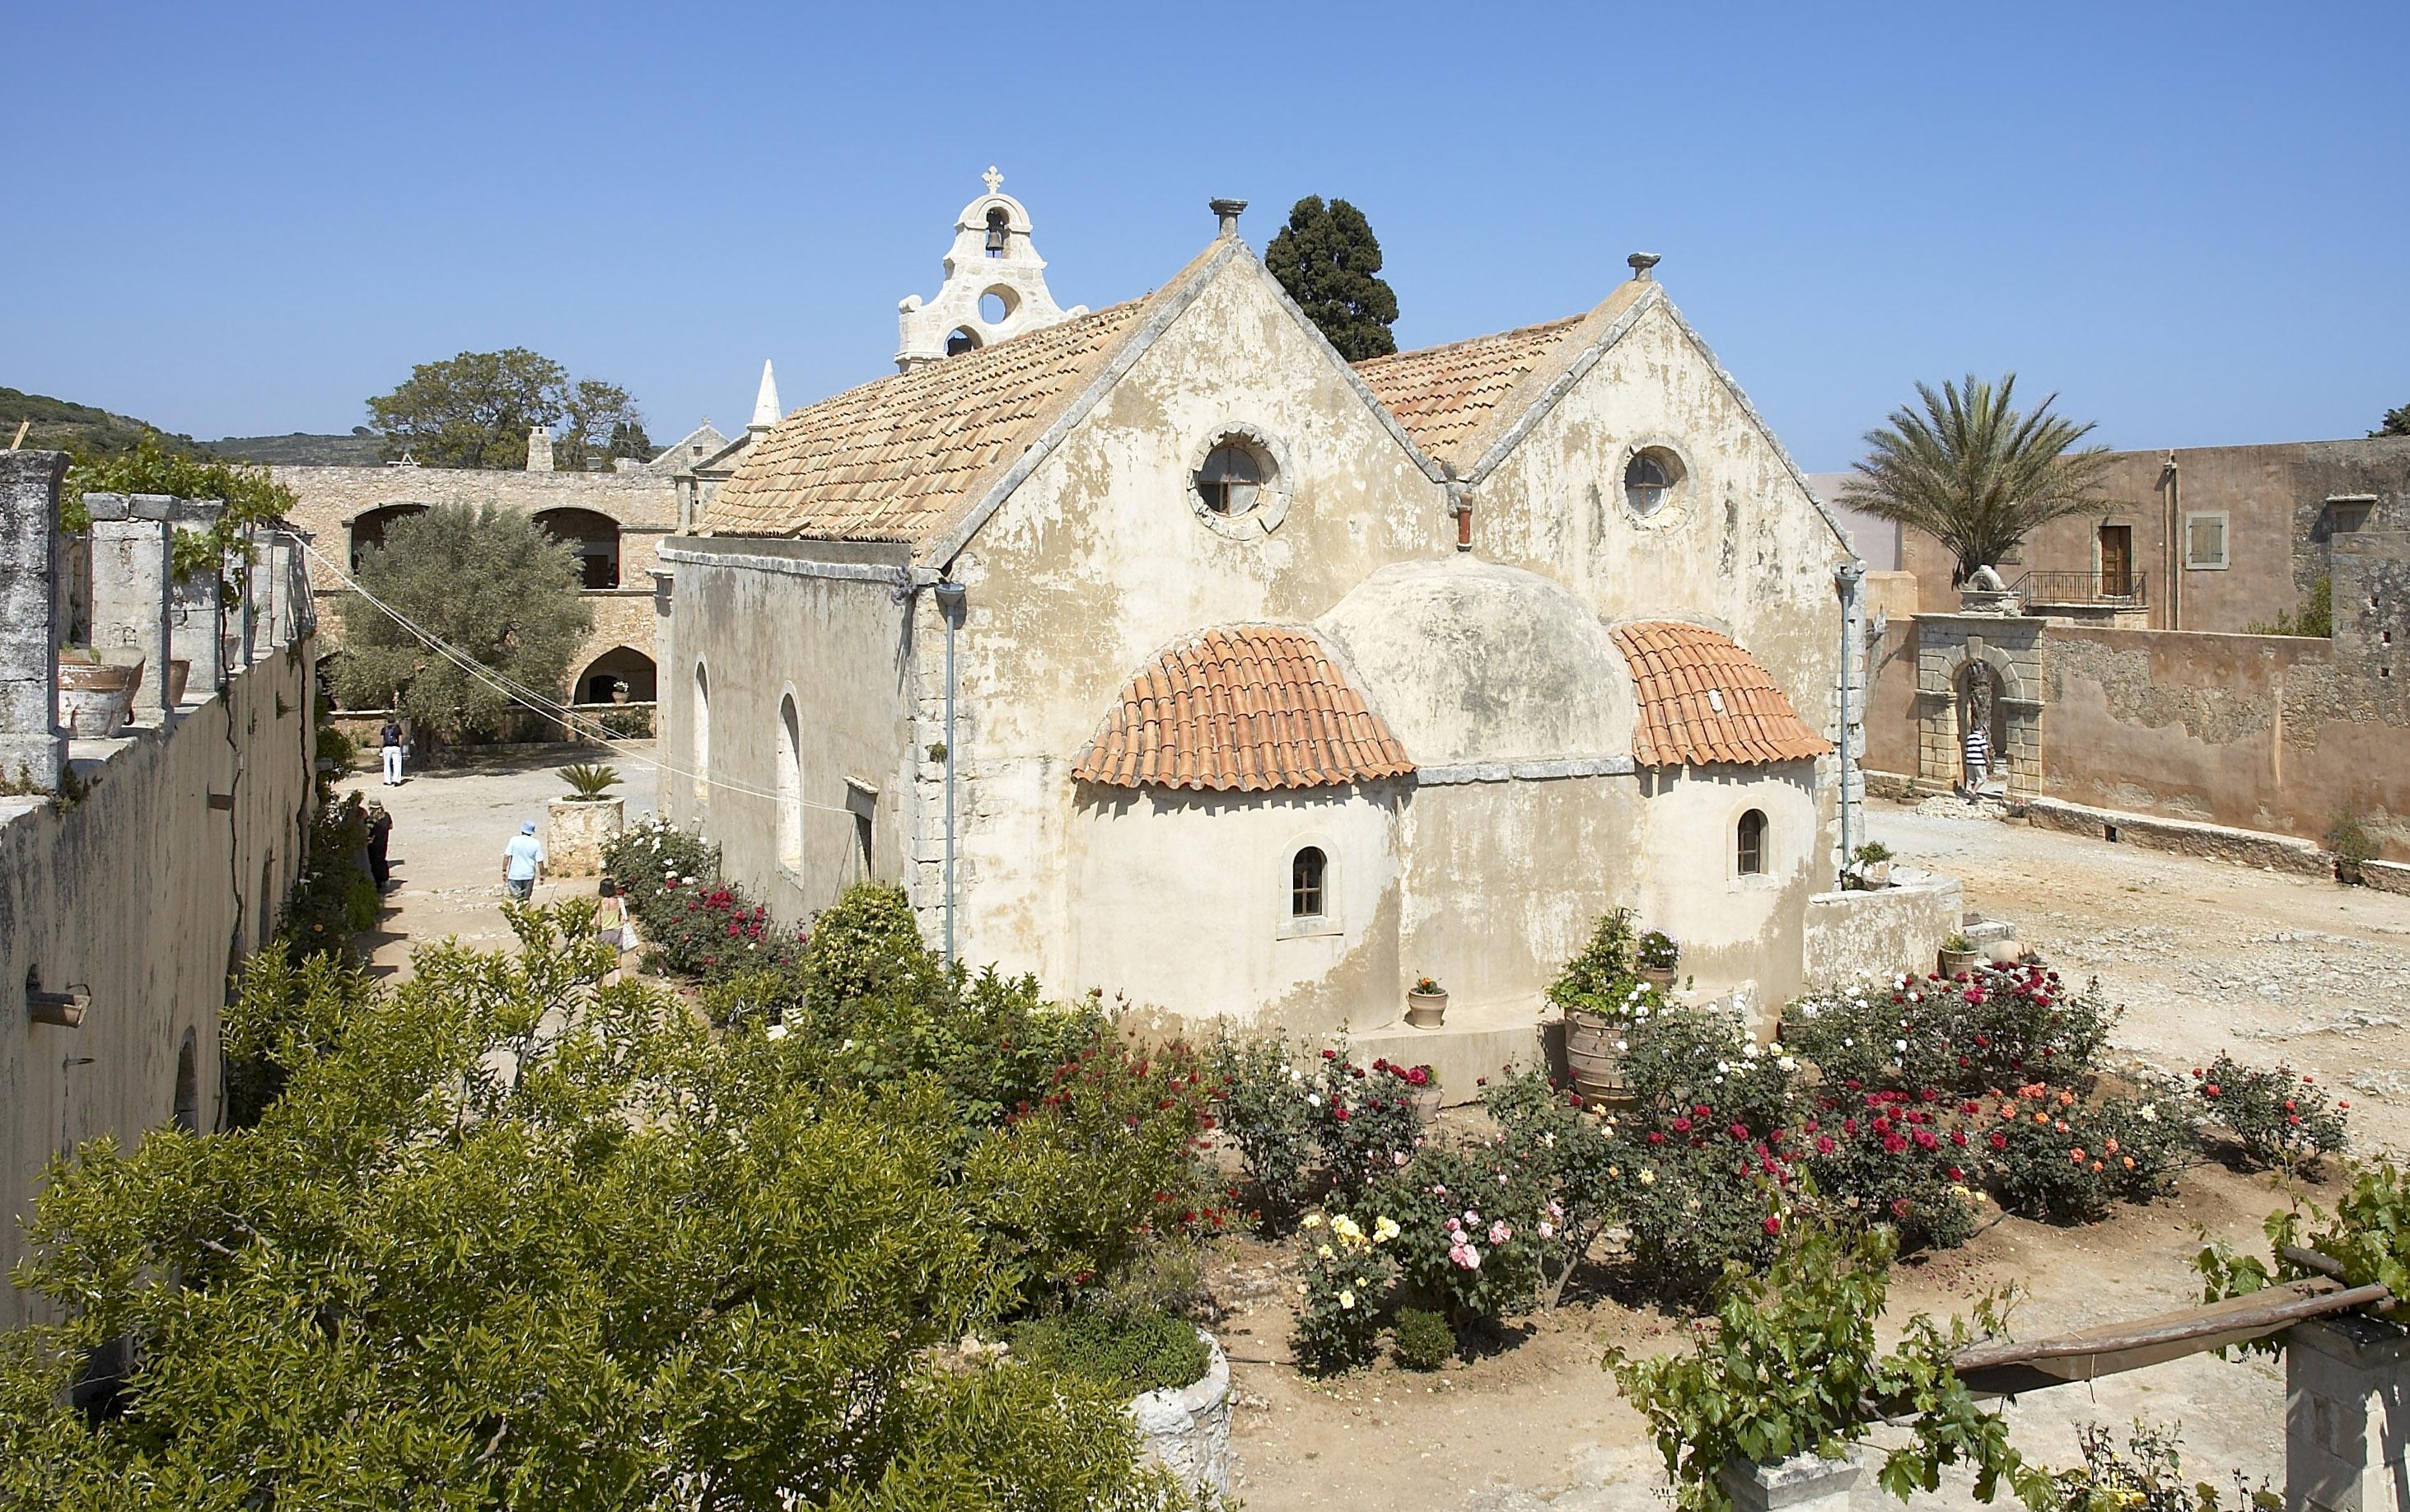 File:Crete Moni Arkadiou Q.jpg - Wikimedia Commons